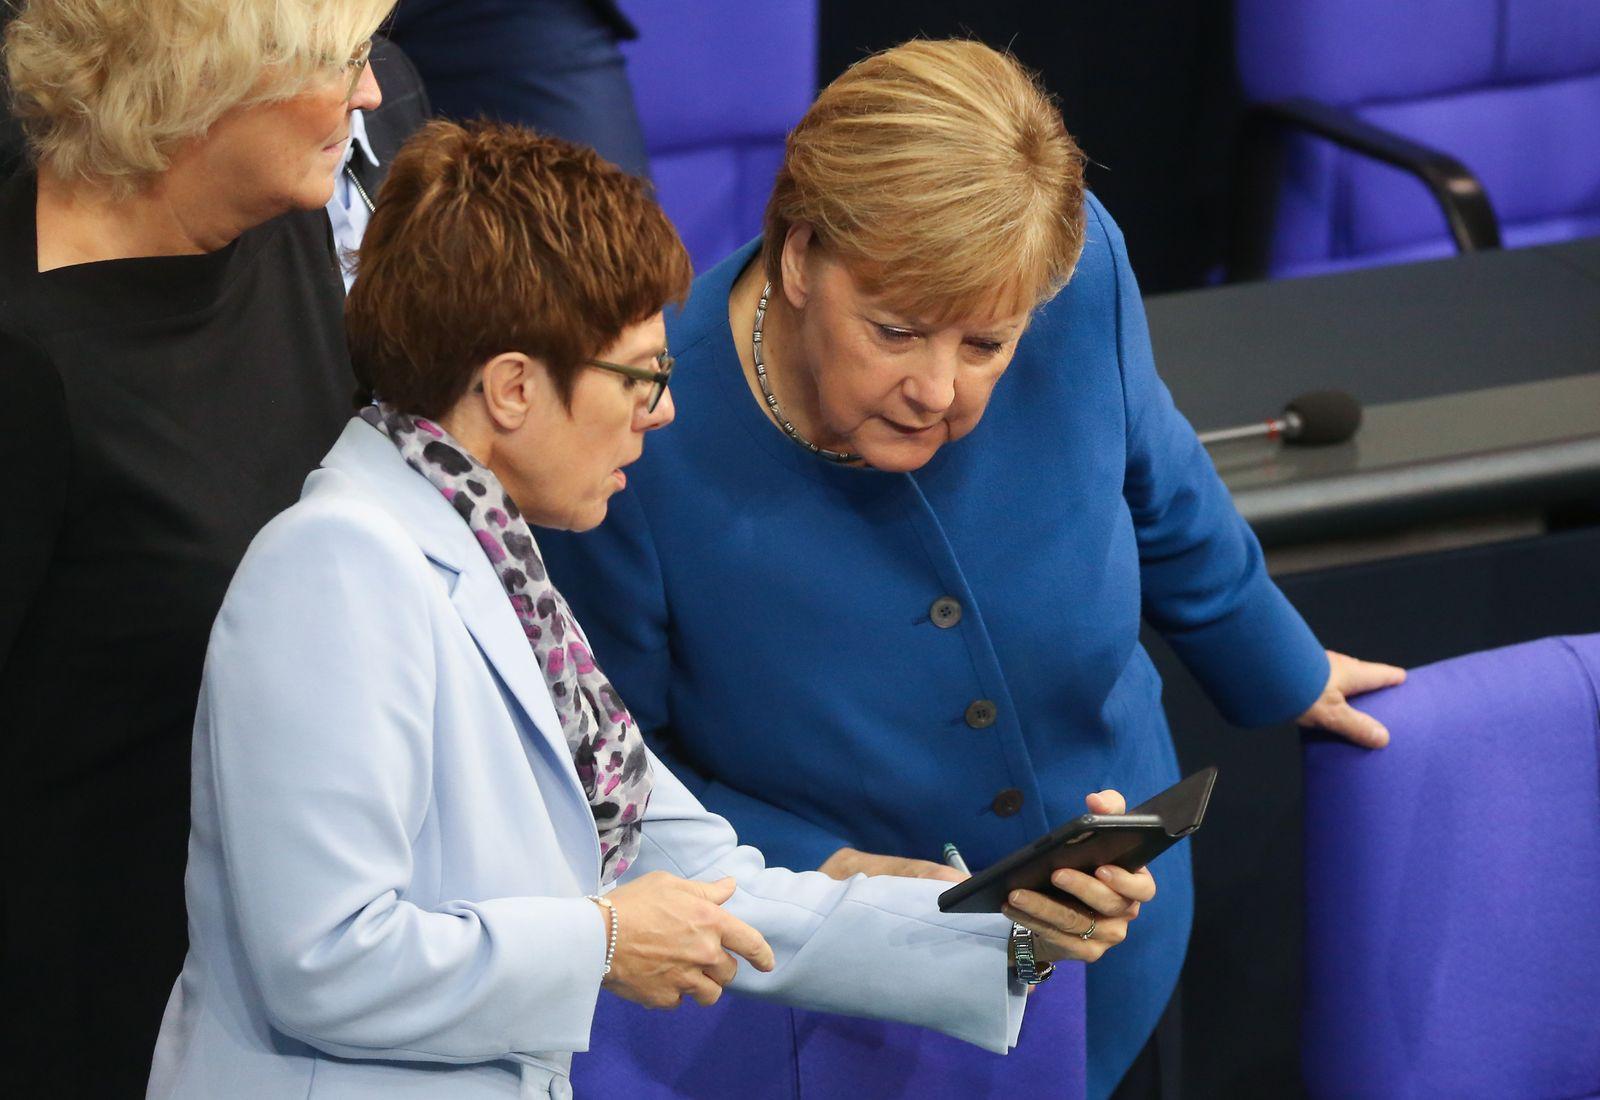 Merkel Gives Bundestag Speech Prior To European Council Summit